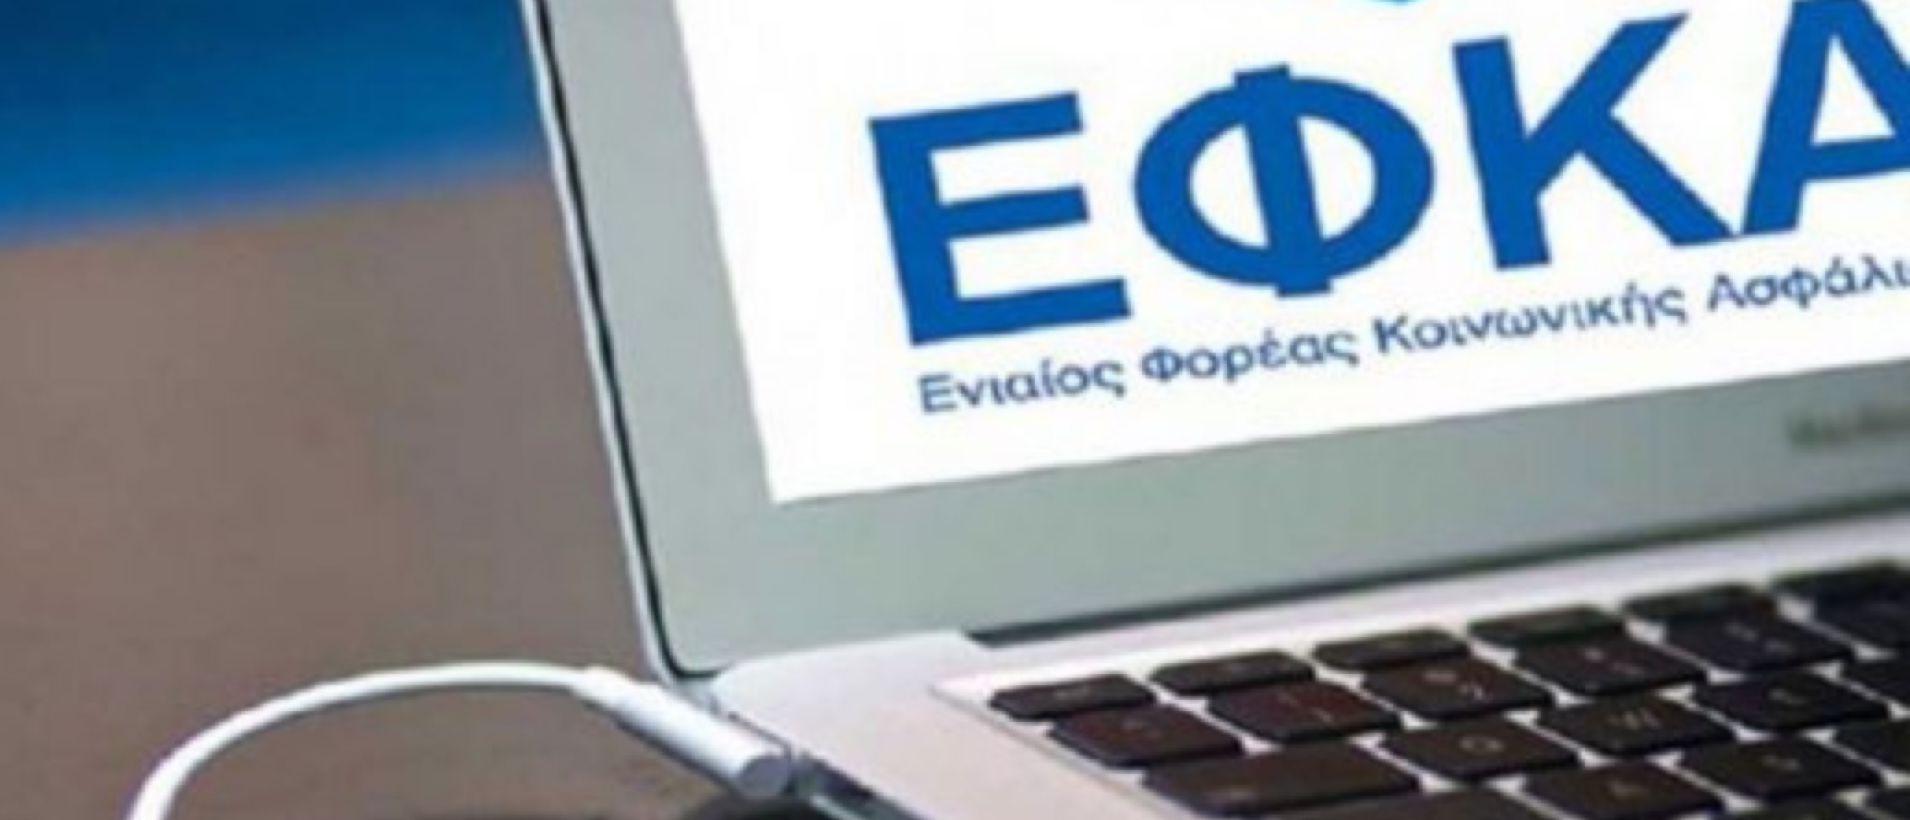 Aμαρτίες ΕΦΚΑ παιδεύουσι ελεύθερους επαγγελματίες – Insider.gr